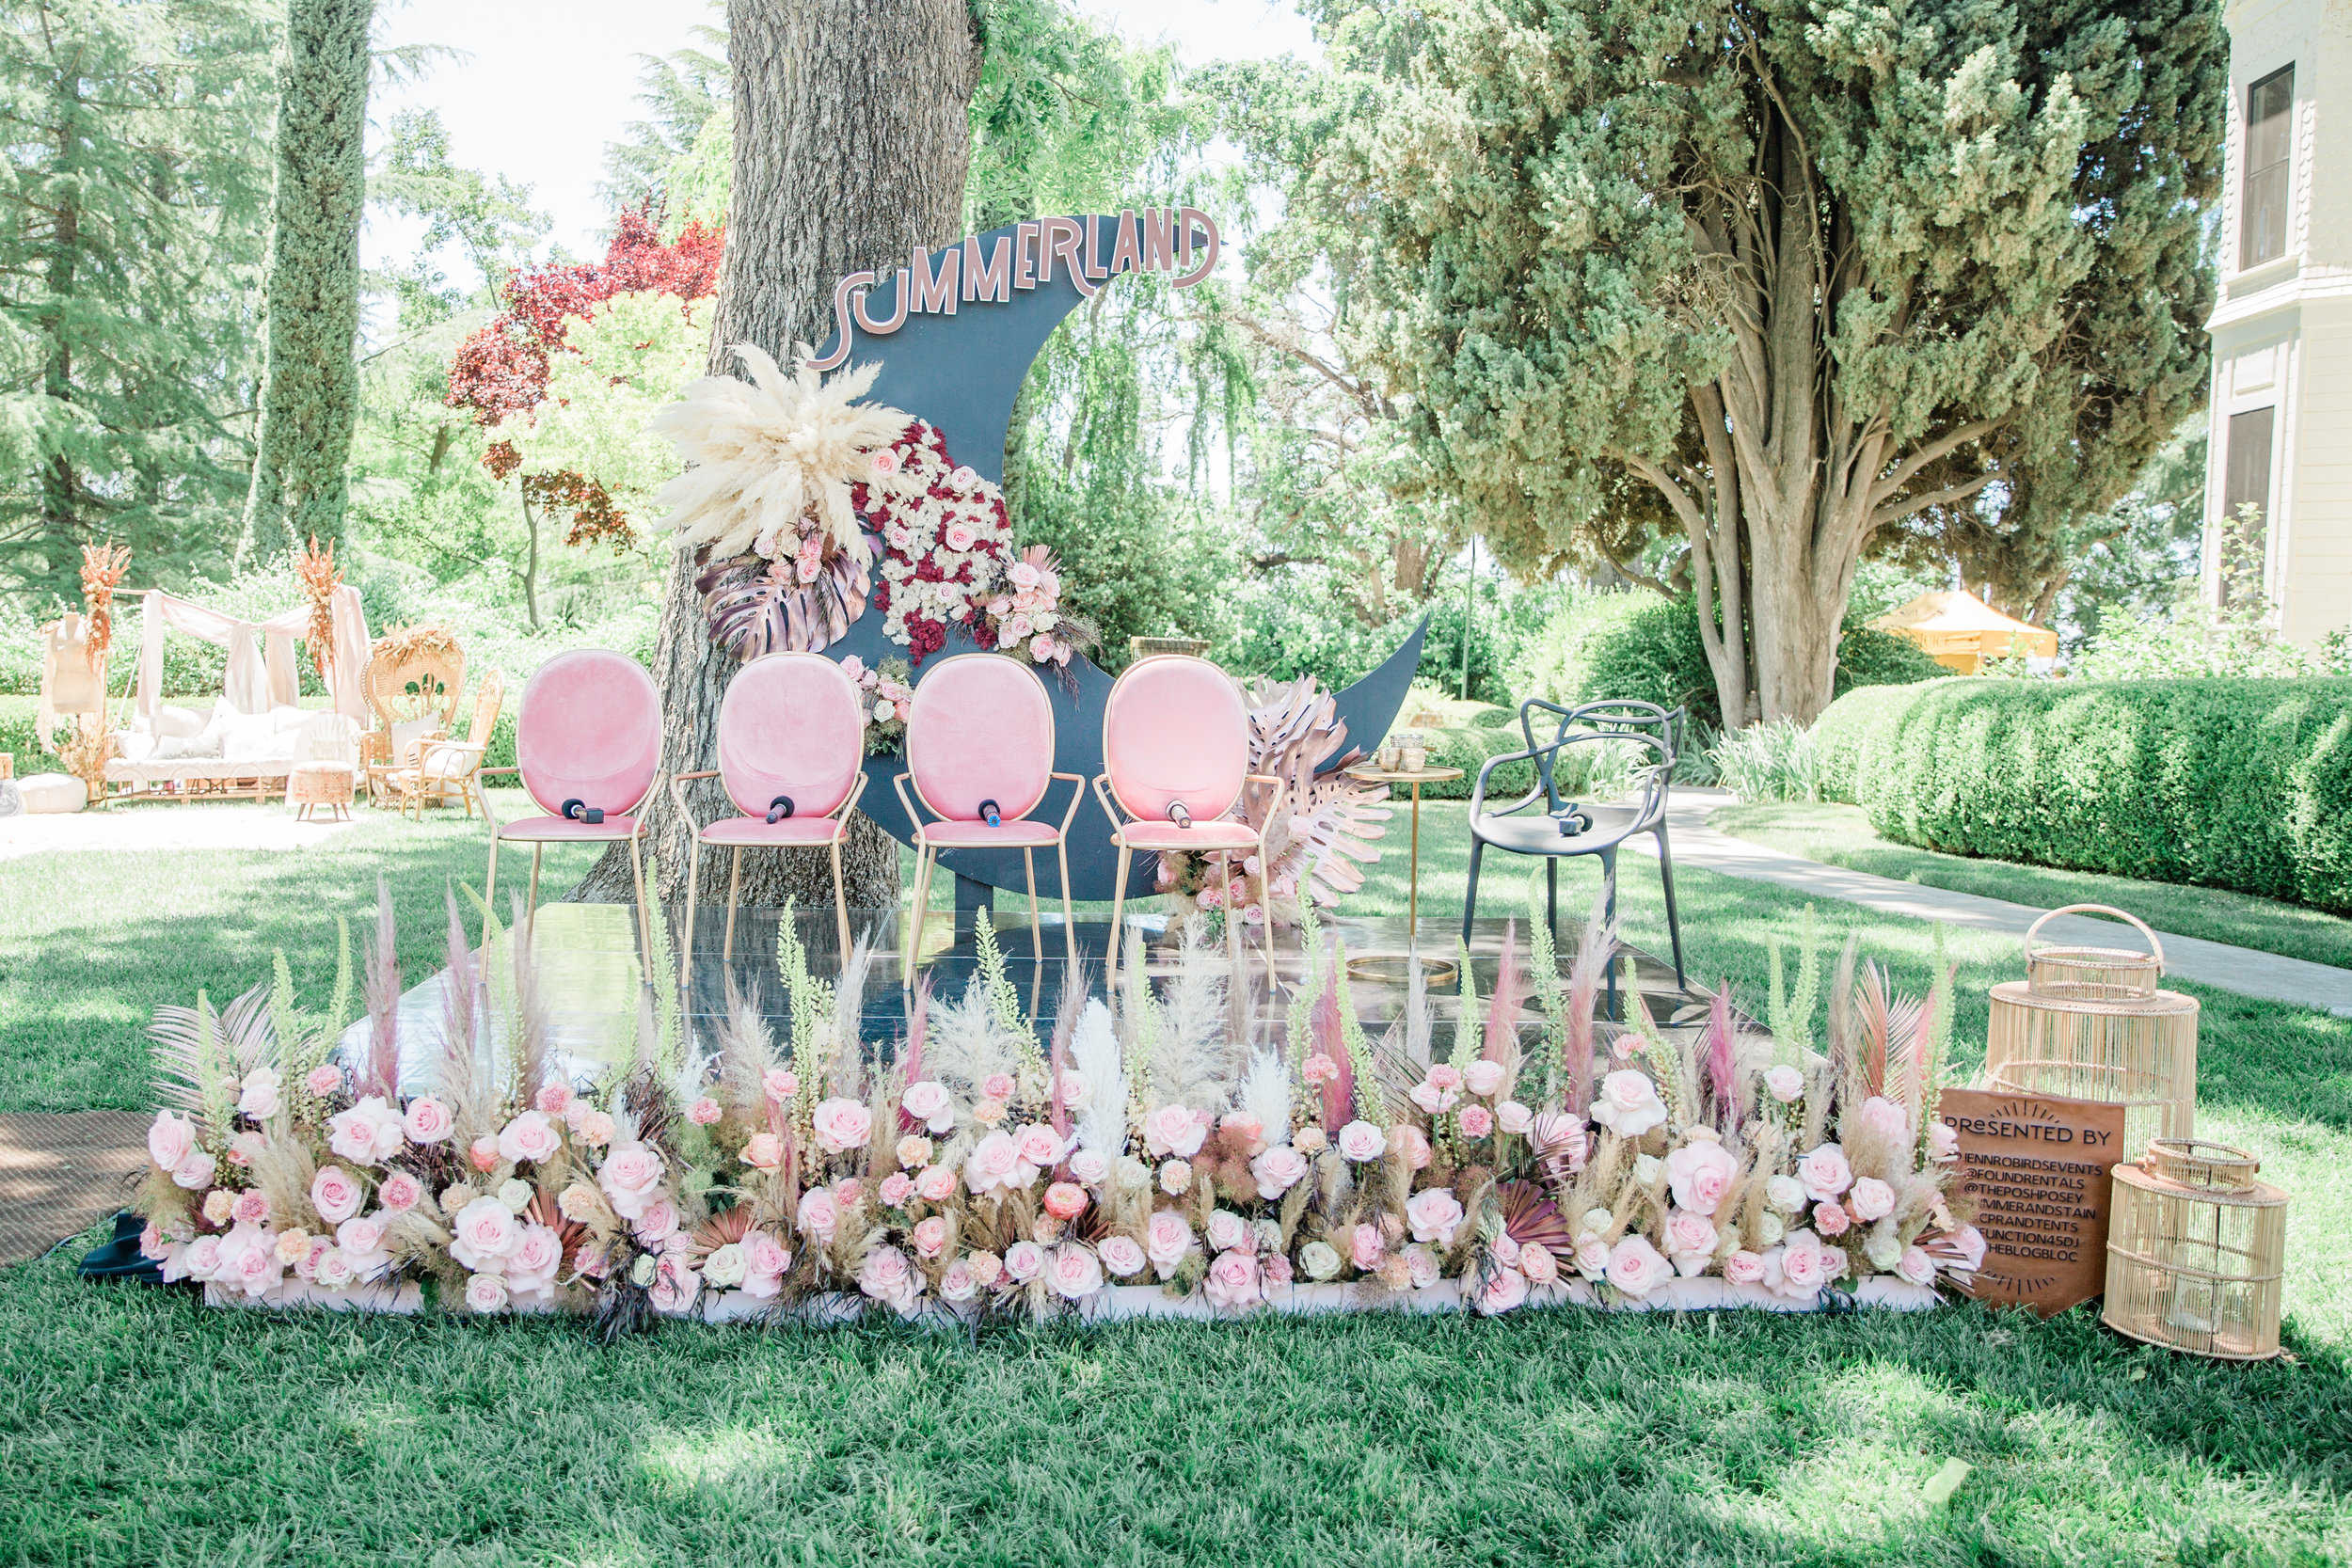 Summerland 2019 - Lauren Alisse Photography-2.jpg